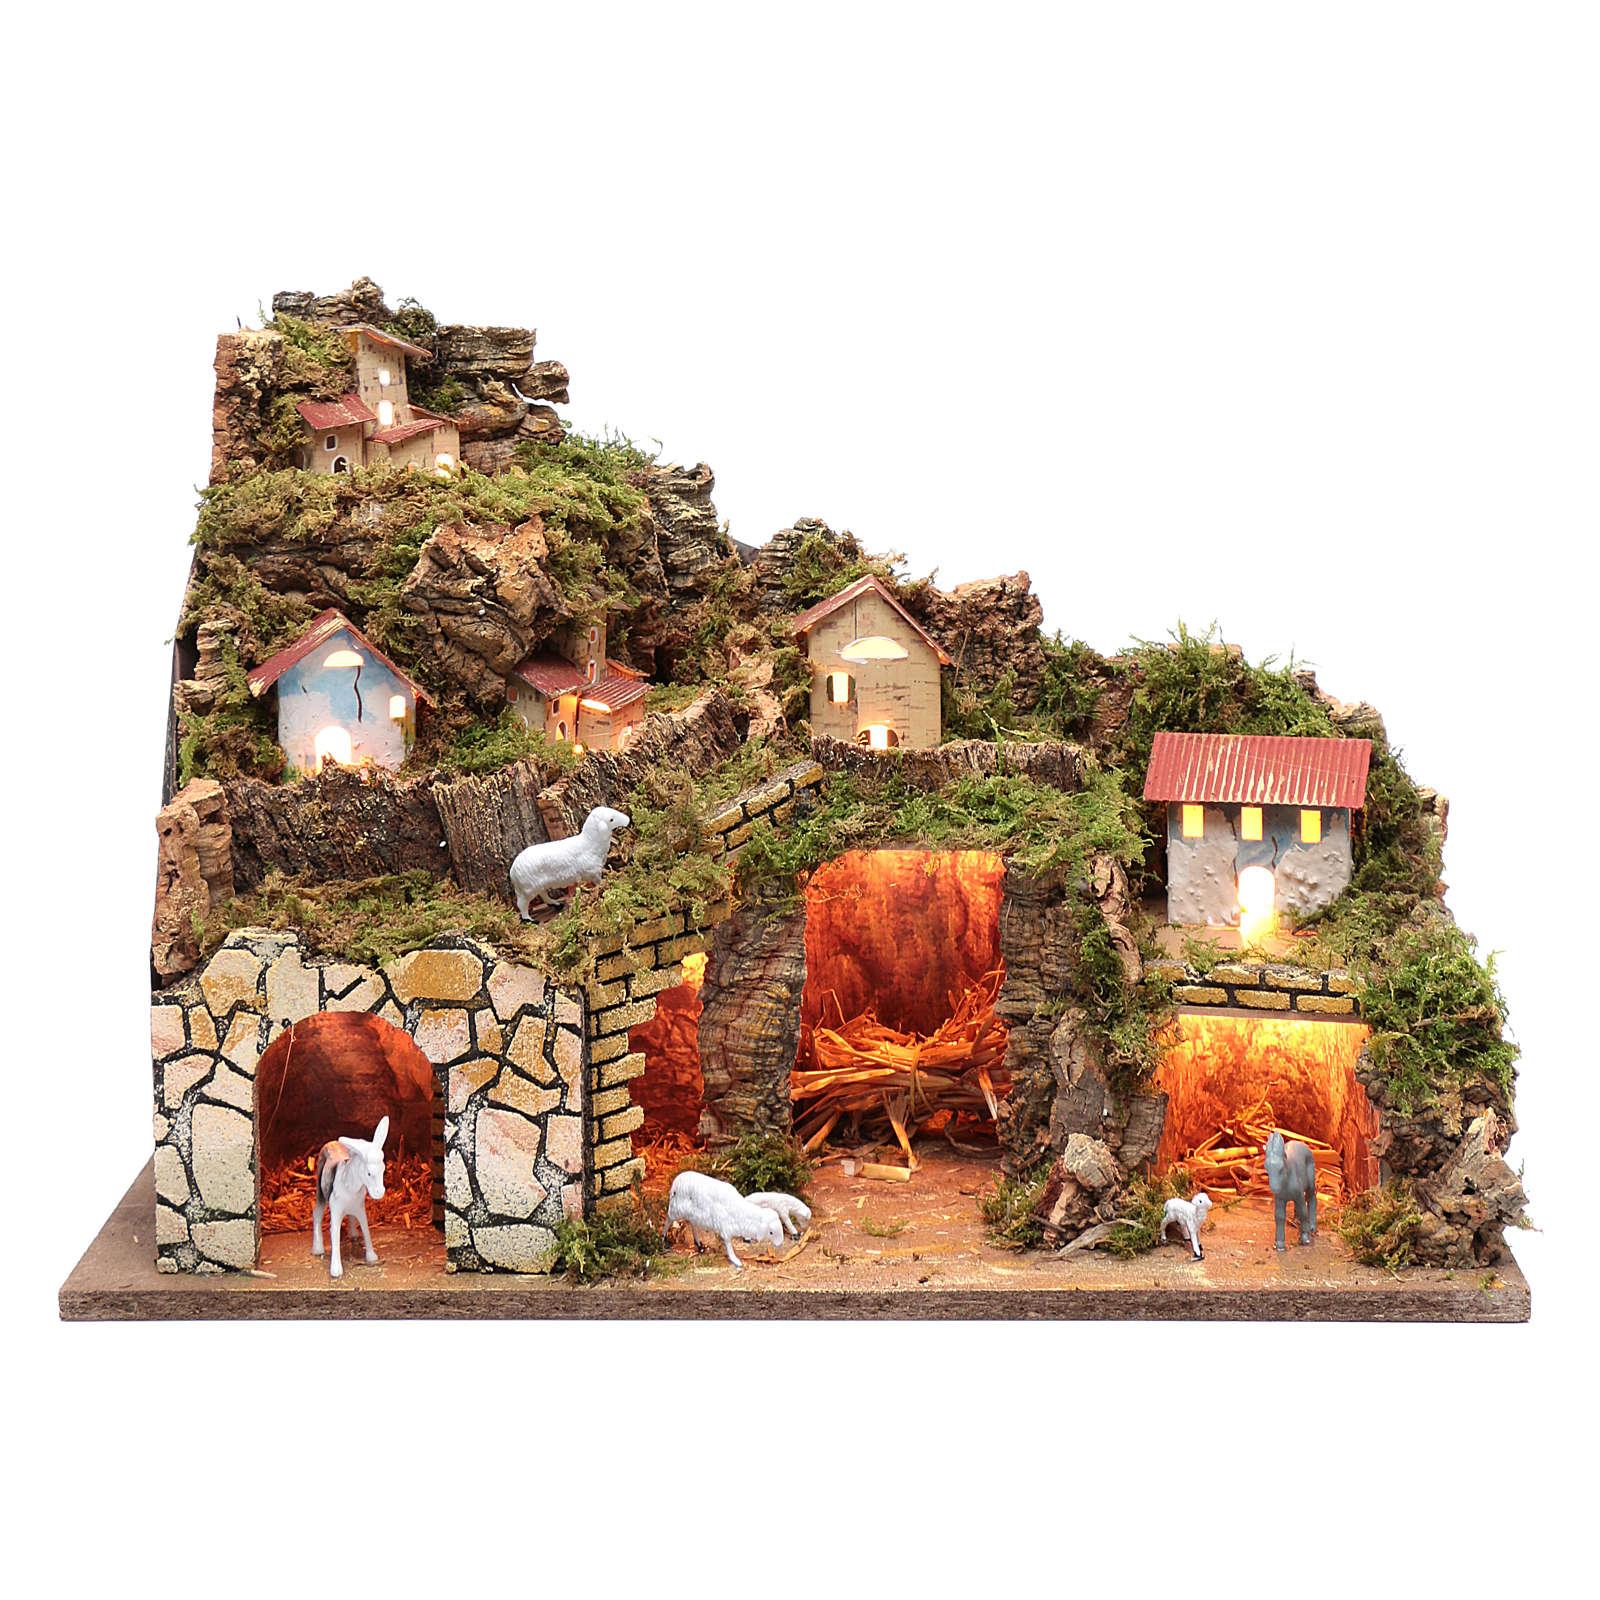 Escenografía para pesebre casas y animales con luces 35x50x25 cm 4